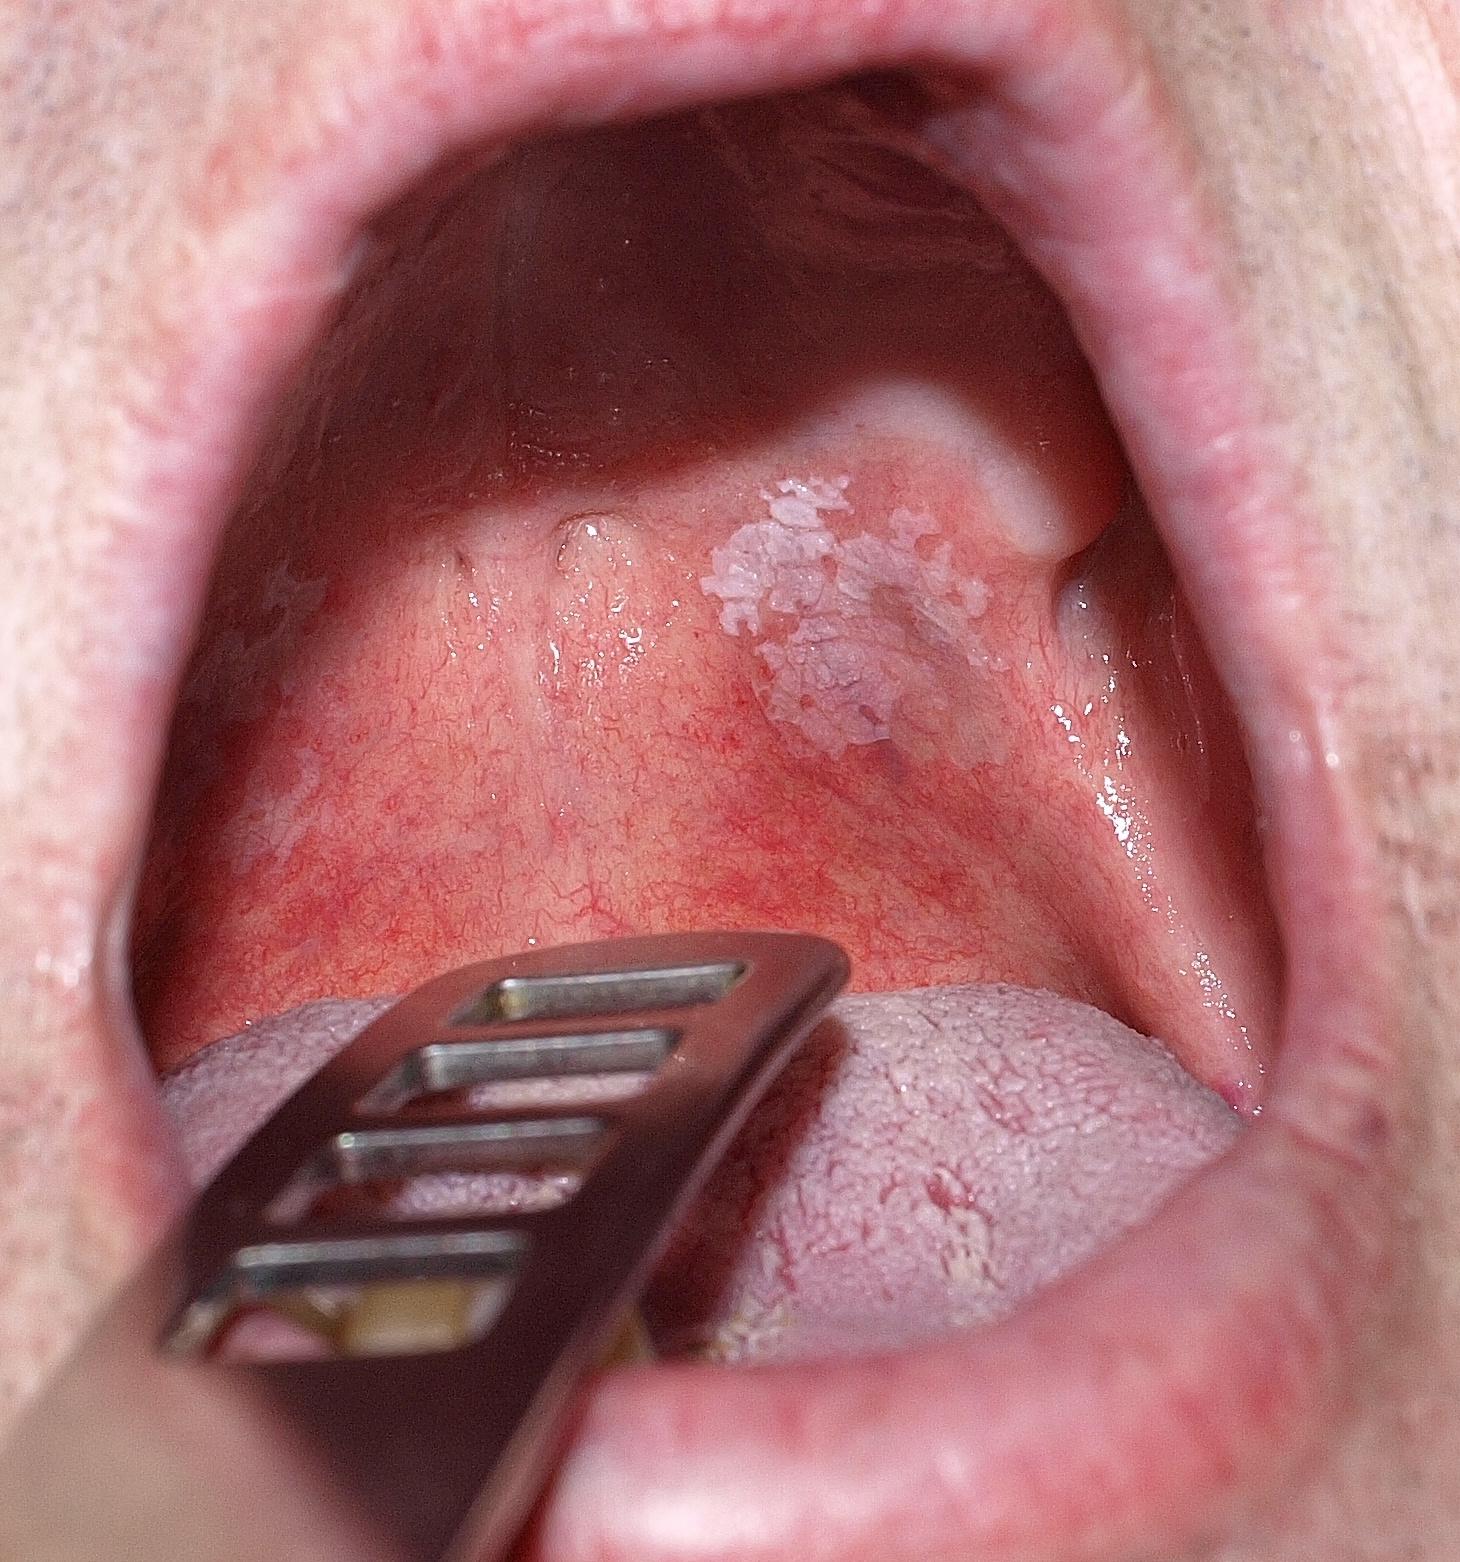 papillomavírus száj és torok